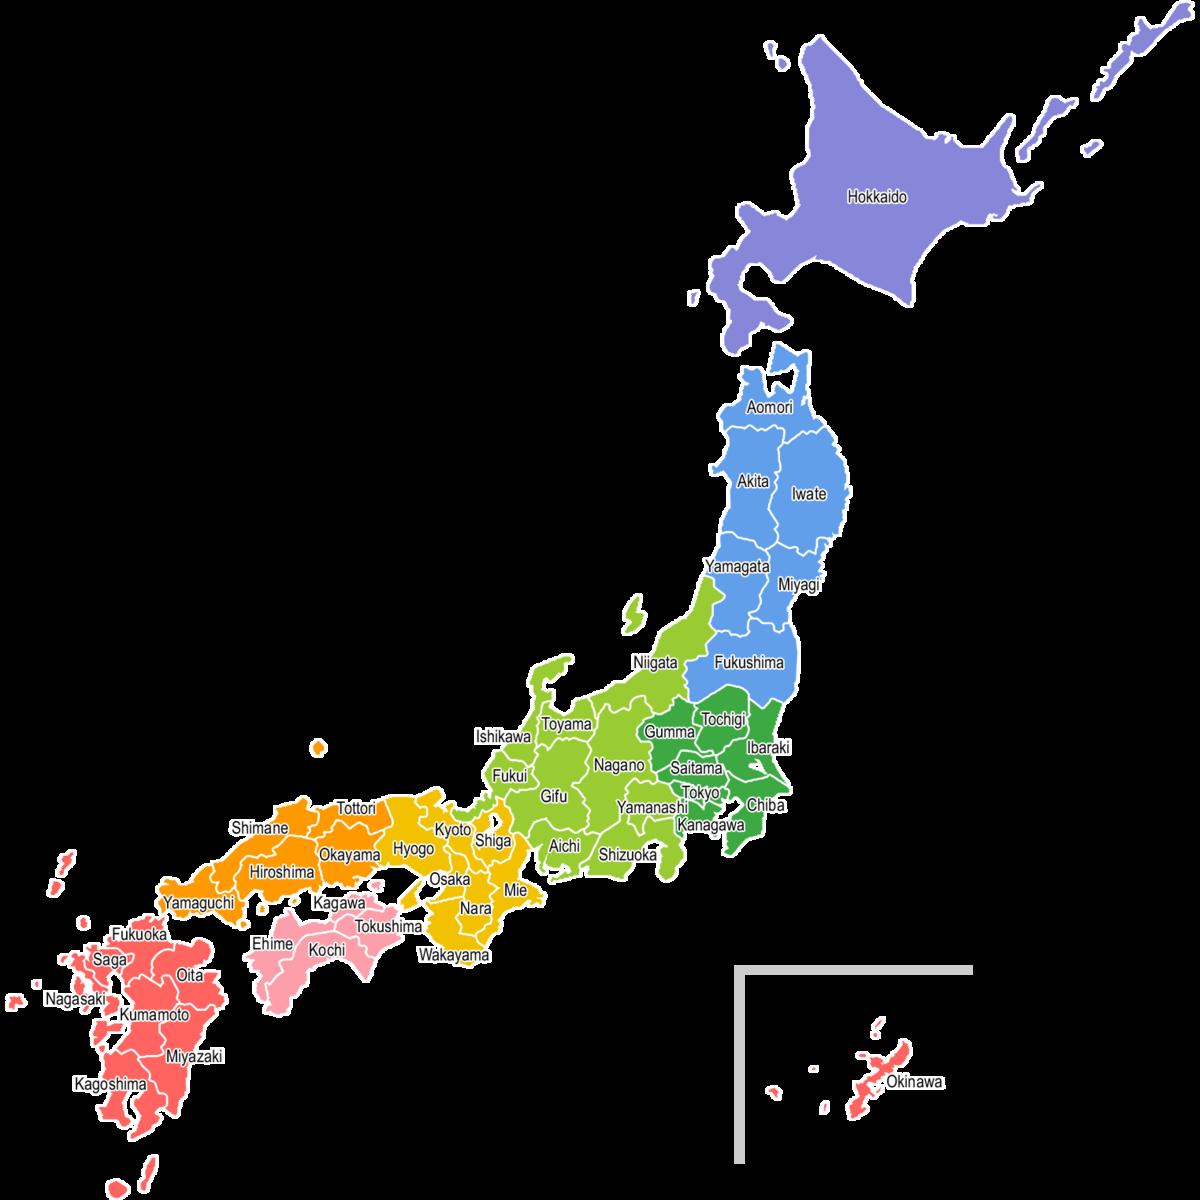 f:id:gk-murai33-gk:20210225105840p:plain